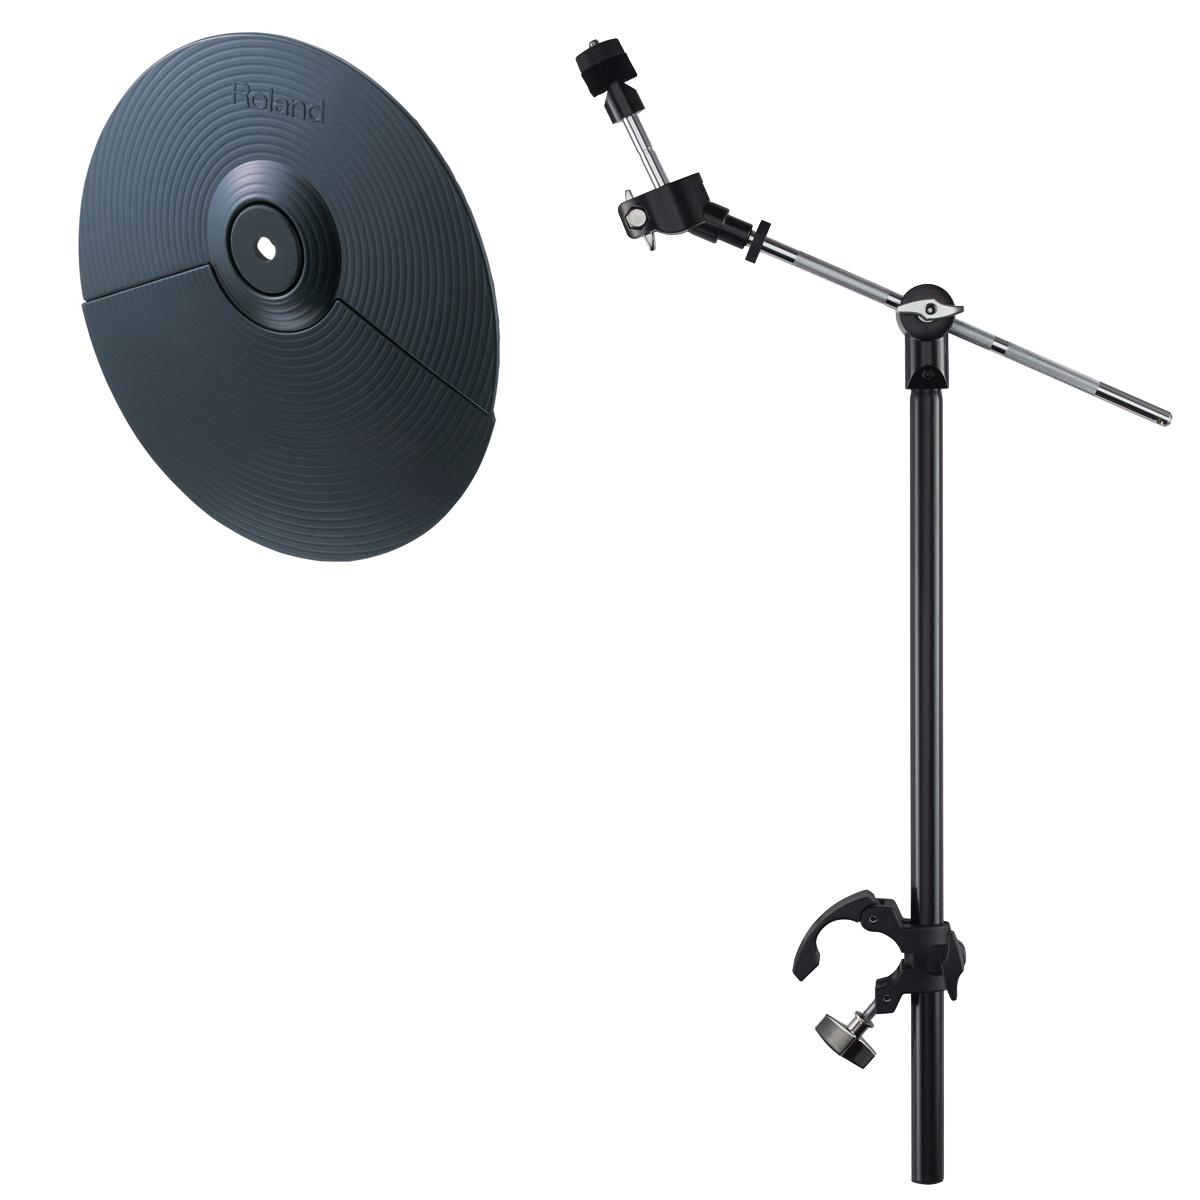 Roland / CY-5 Vドラム用シンバルパッドと純正シンバルマウントセット 【アウトレット品】【保証無し】【YRK】